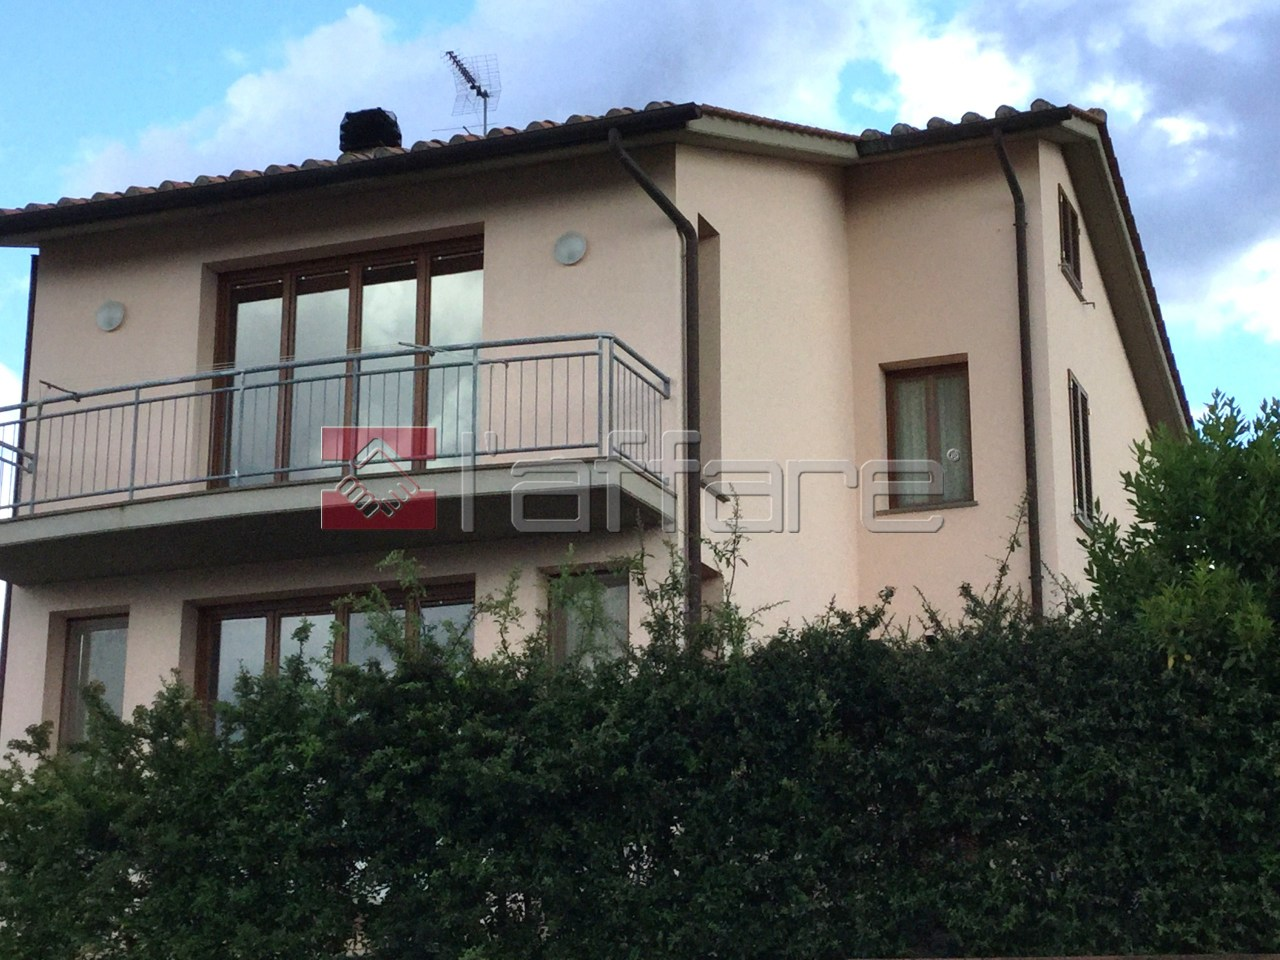 Soluzione Indipendente in vendita a Casciana Terme Lari, 7 locali, prezzo € 460.000 | Cambio Casa.it